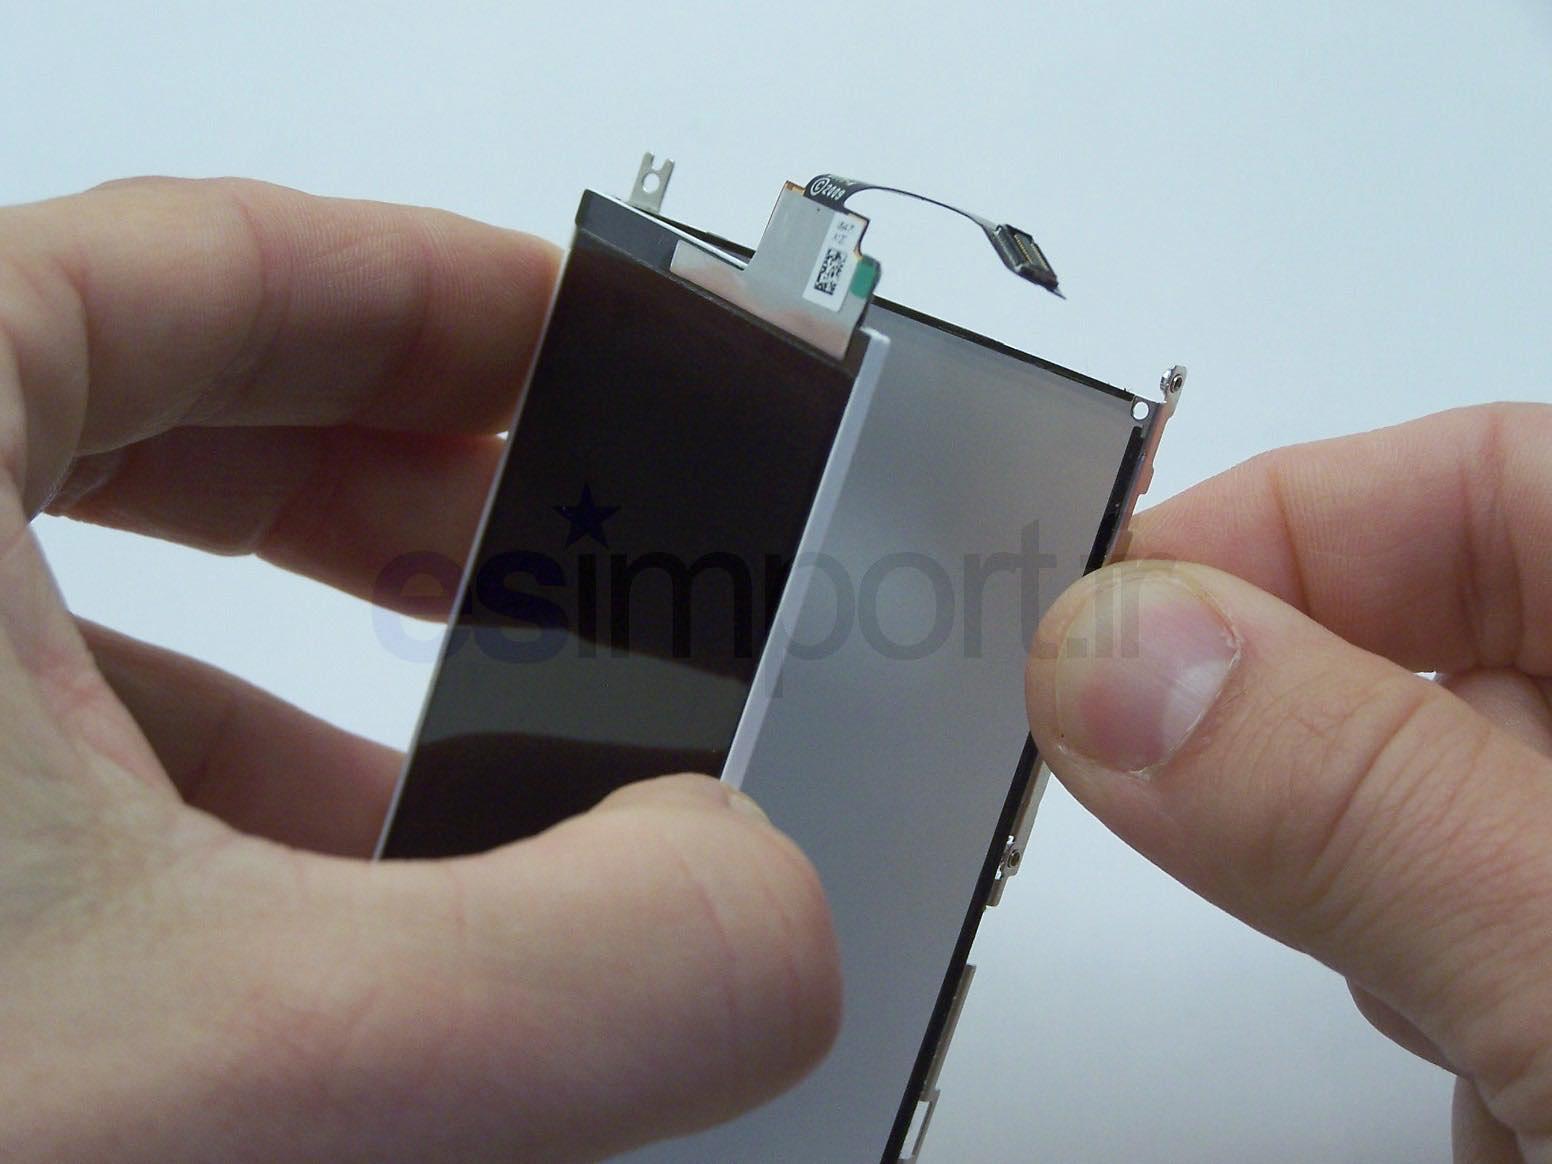 Tutoriel d crivant le changement du lcd sur un iphone 3g for Decoller un miroir